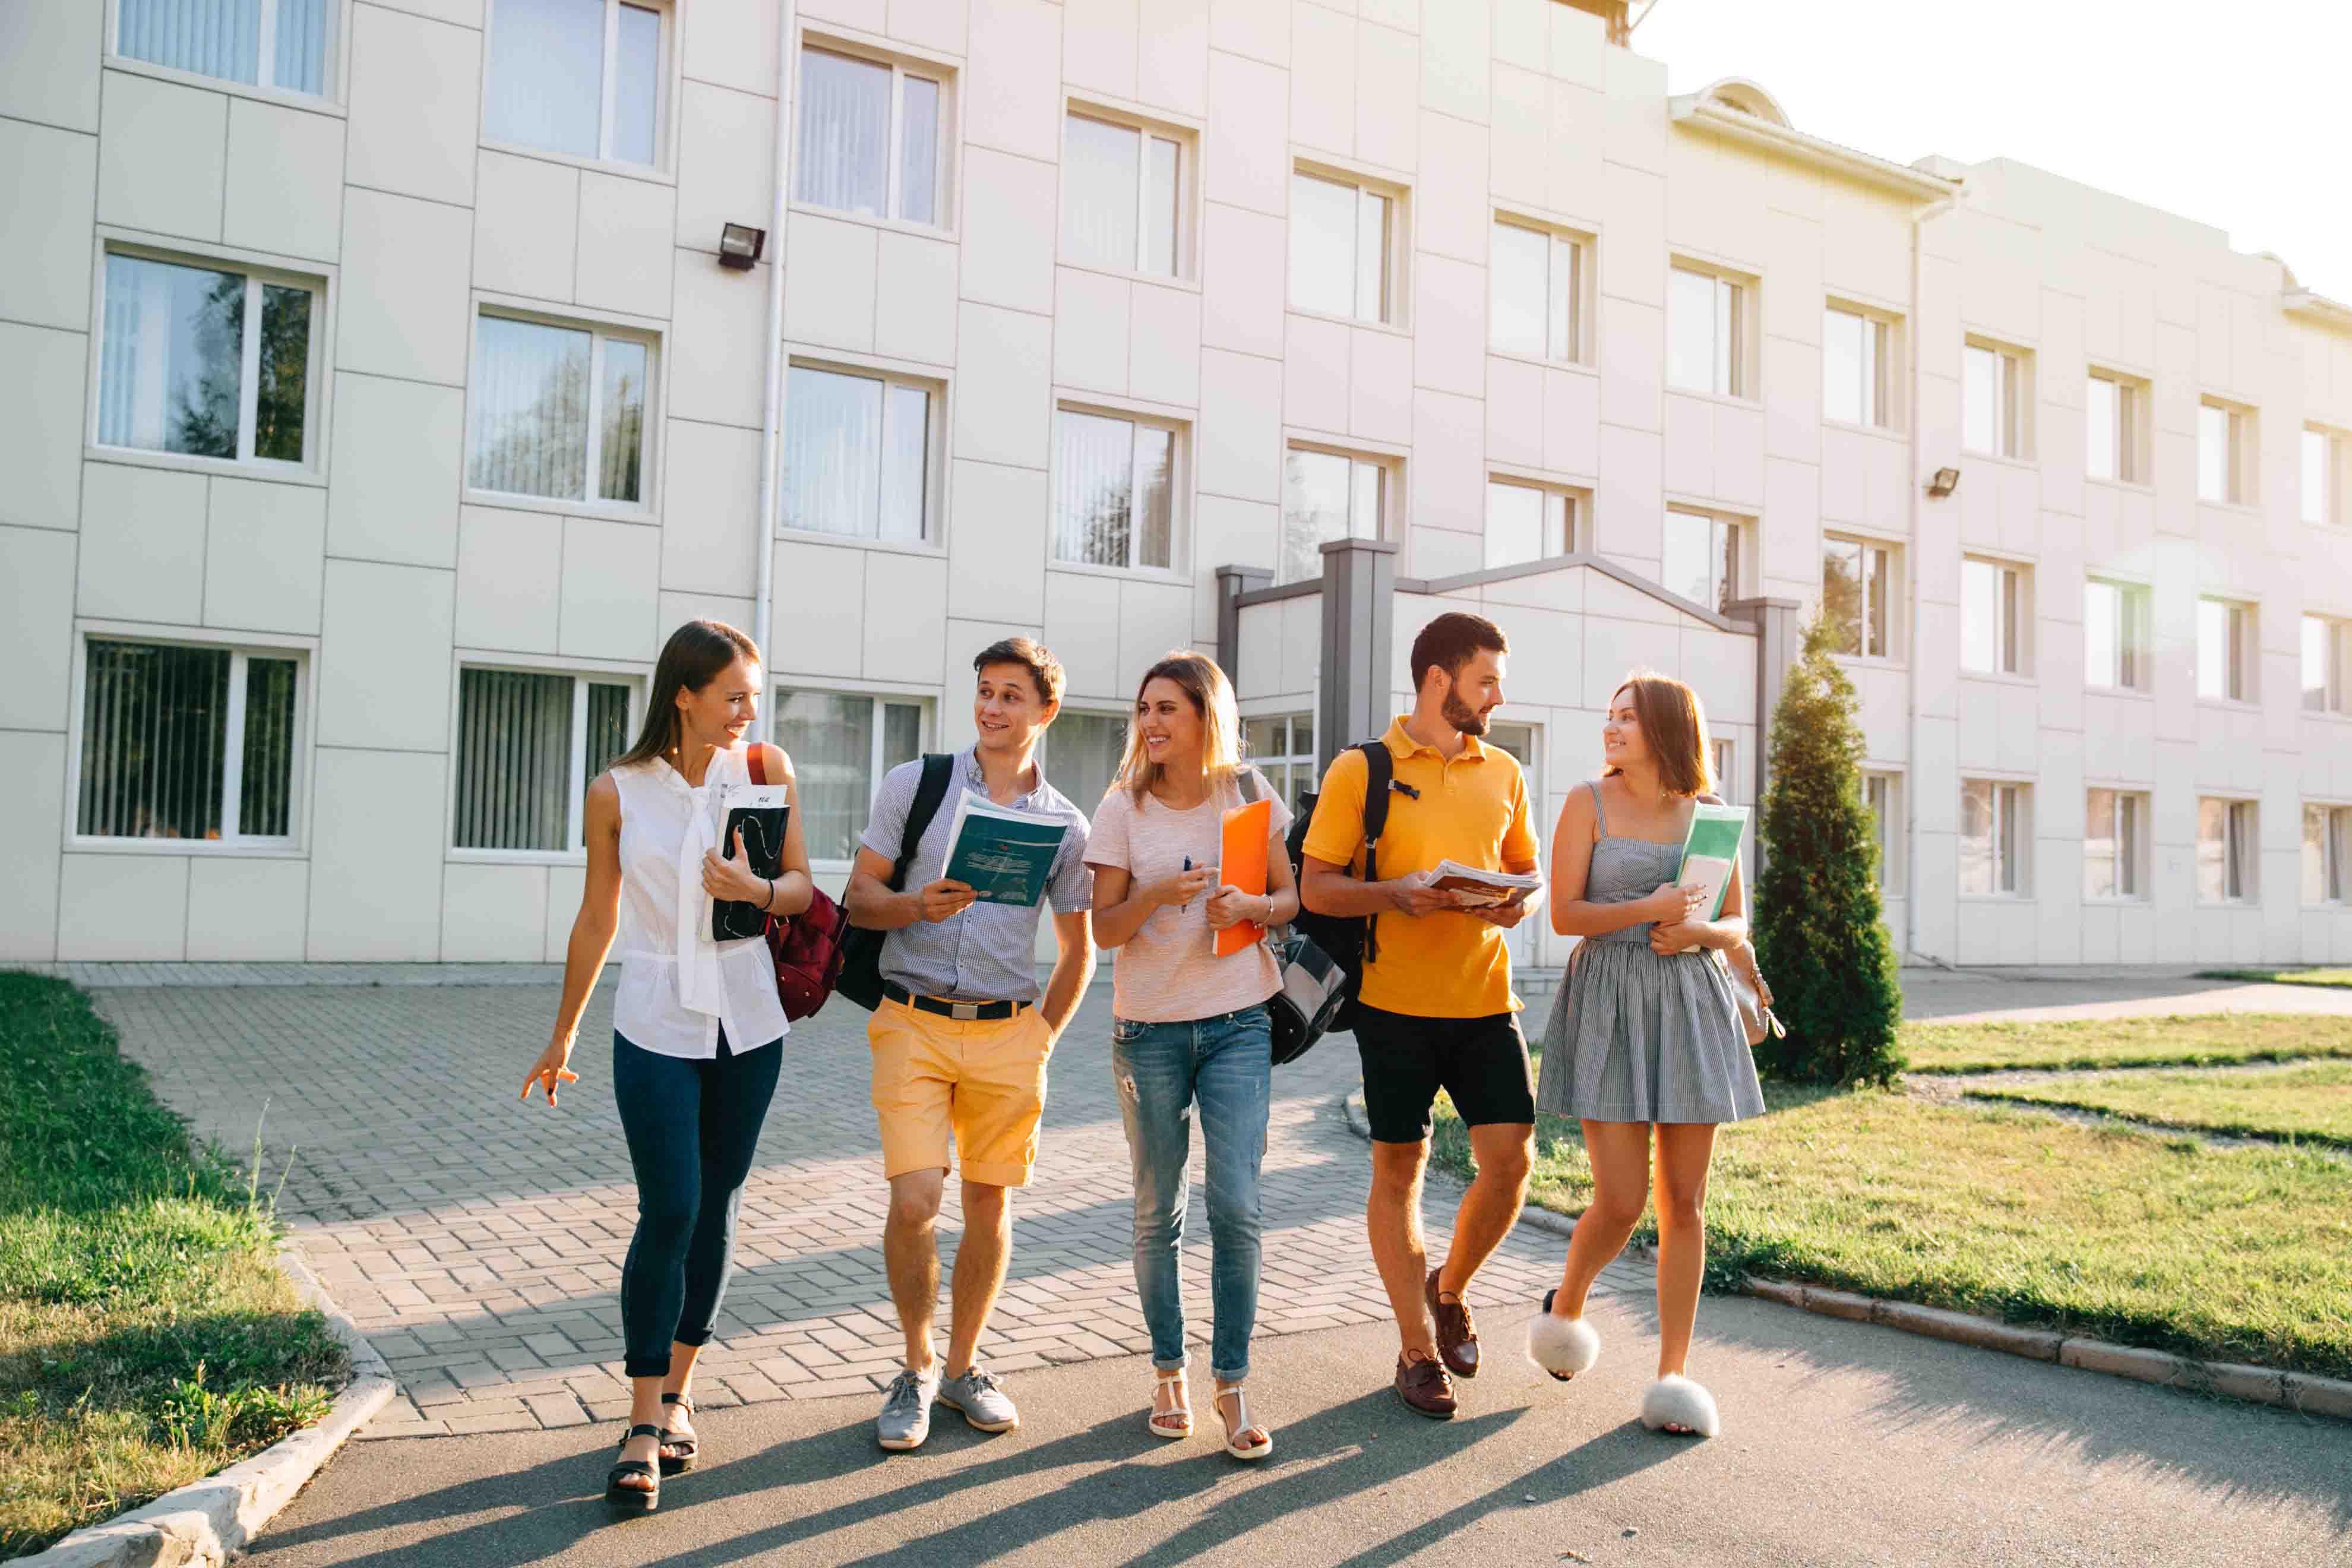 Du học Mỹ 2021: Đăng kí XIN HỌC SỚM - tăng cơ hội vào trường TOP & nhận học  bổng